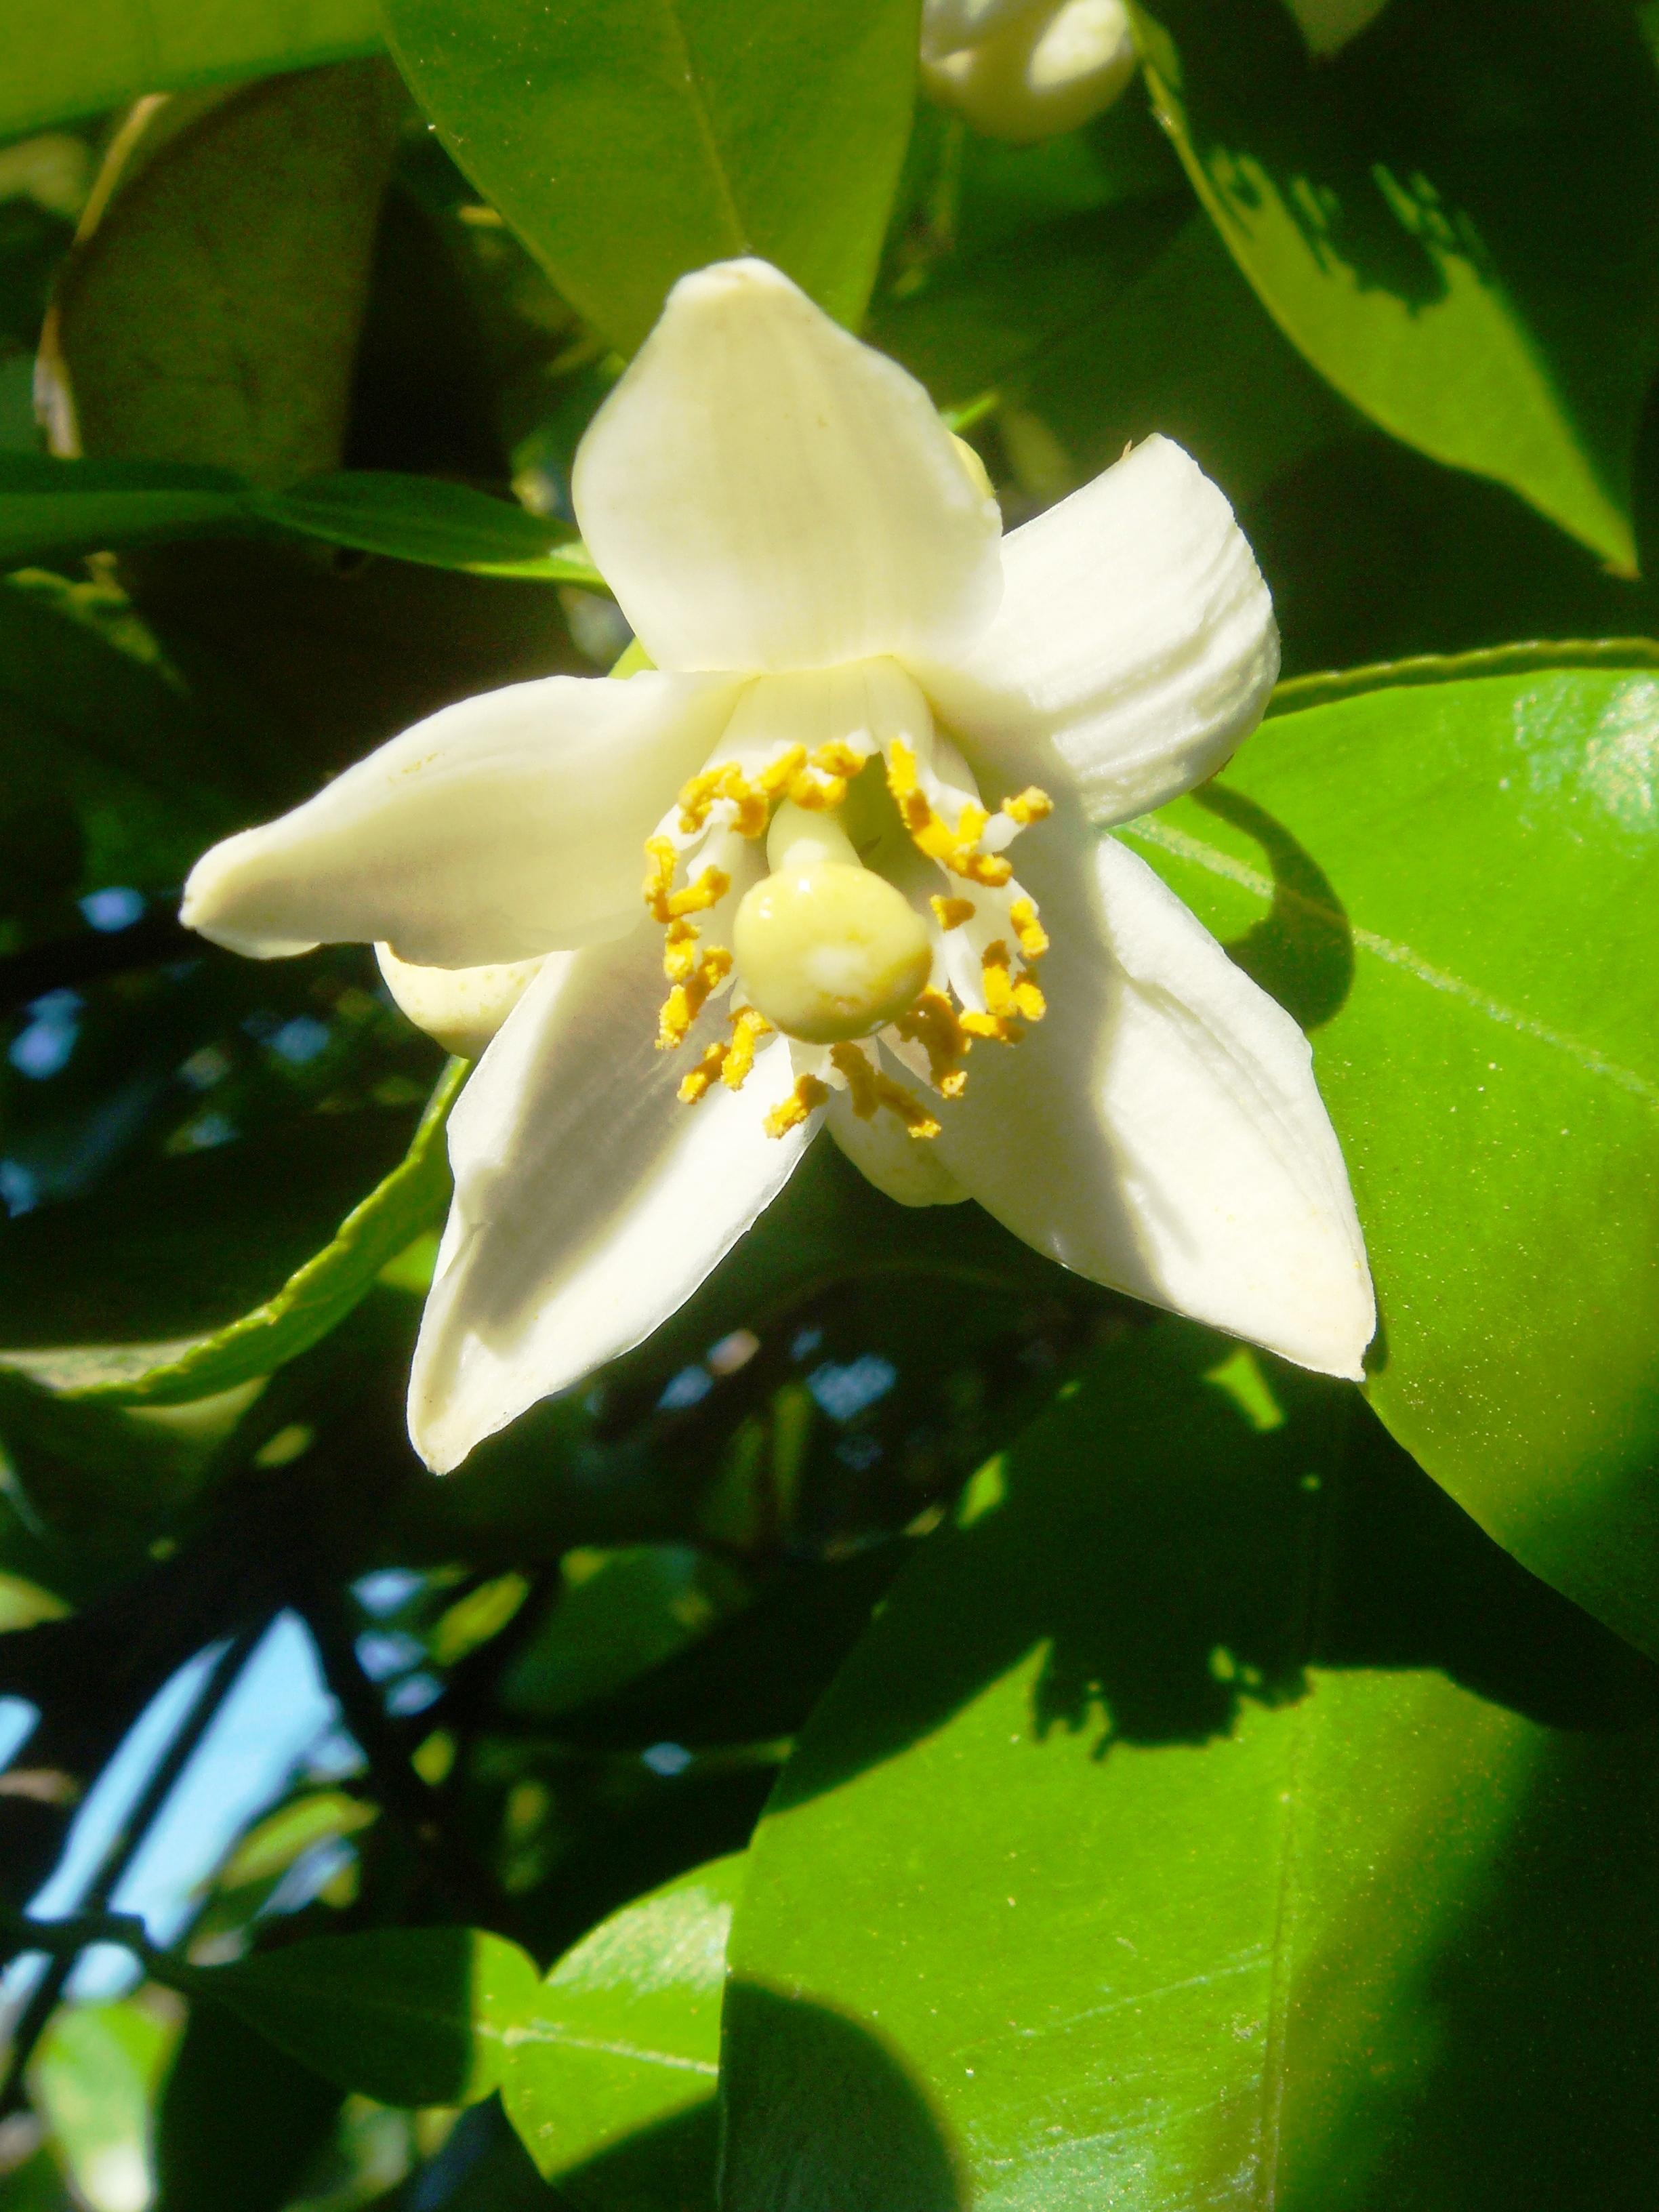 Citrus Sinensis Distribution File:citrus-sinensis-20080322